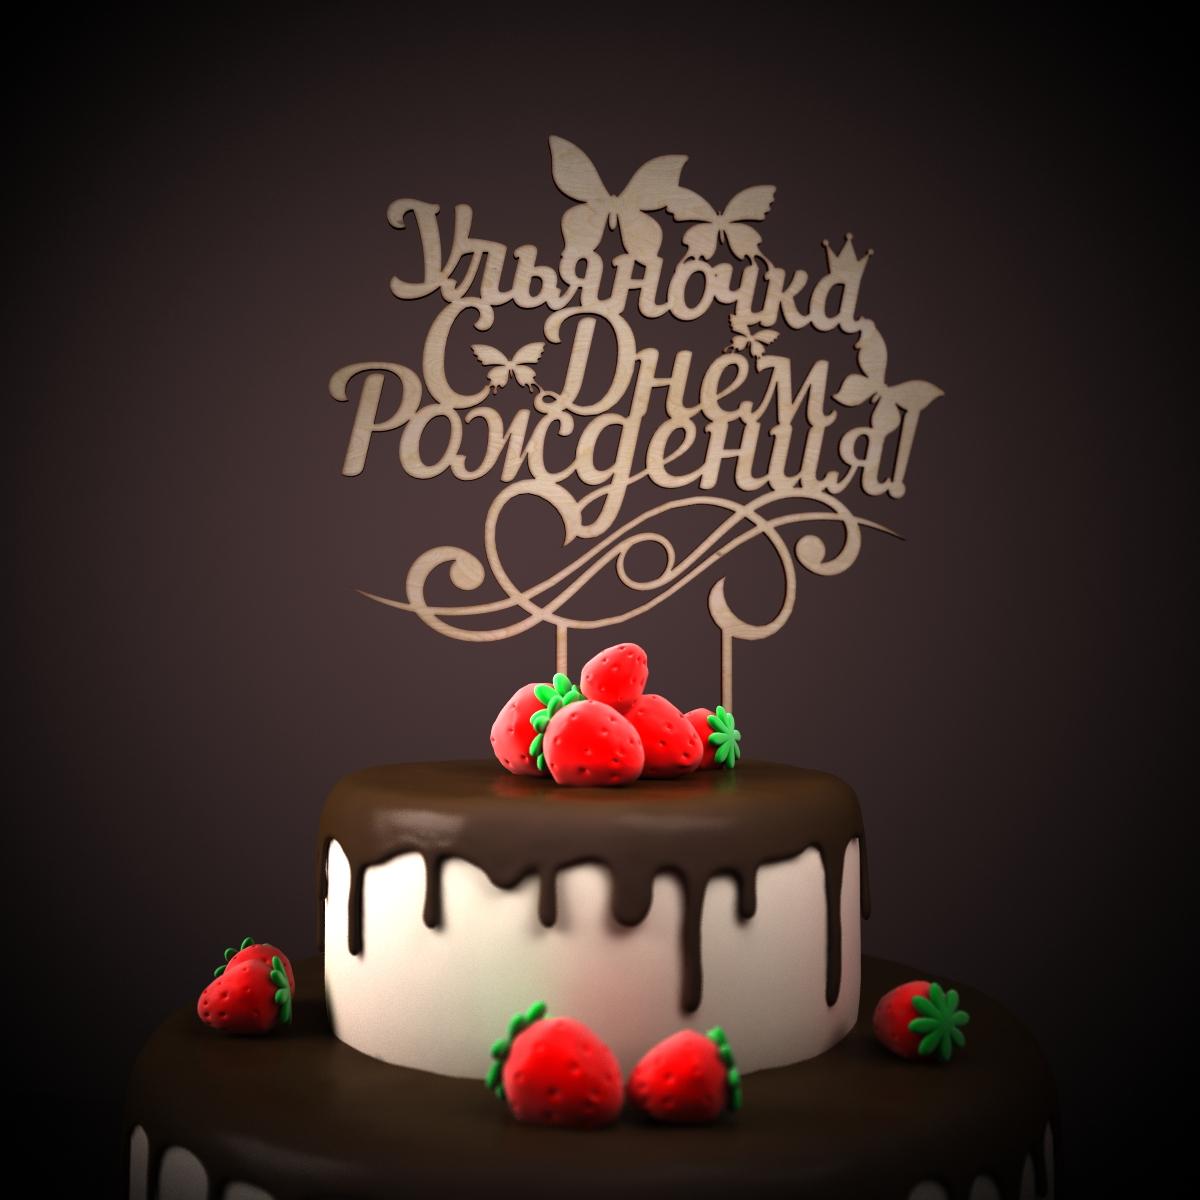 Поздравления с днем рождения Ульяне - Поздравок